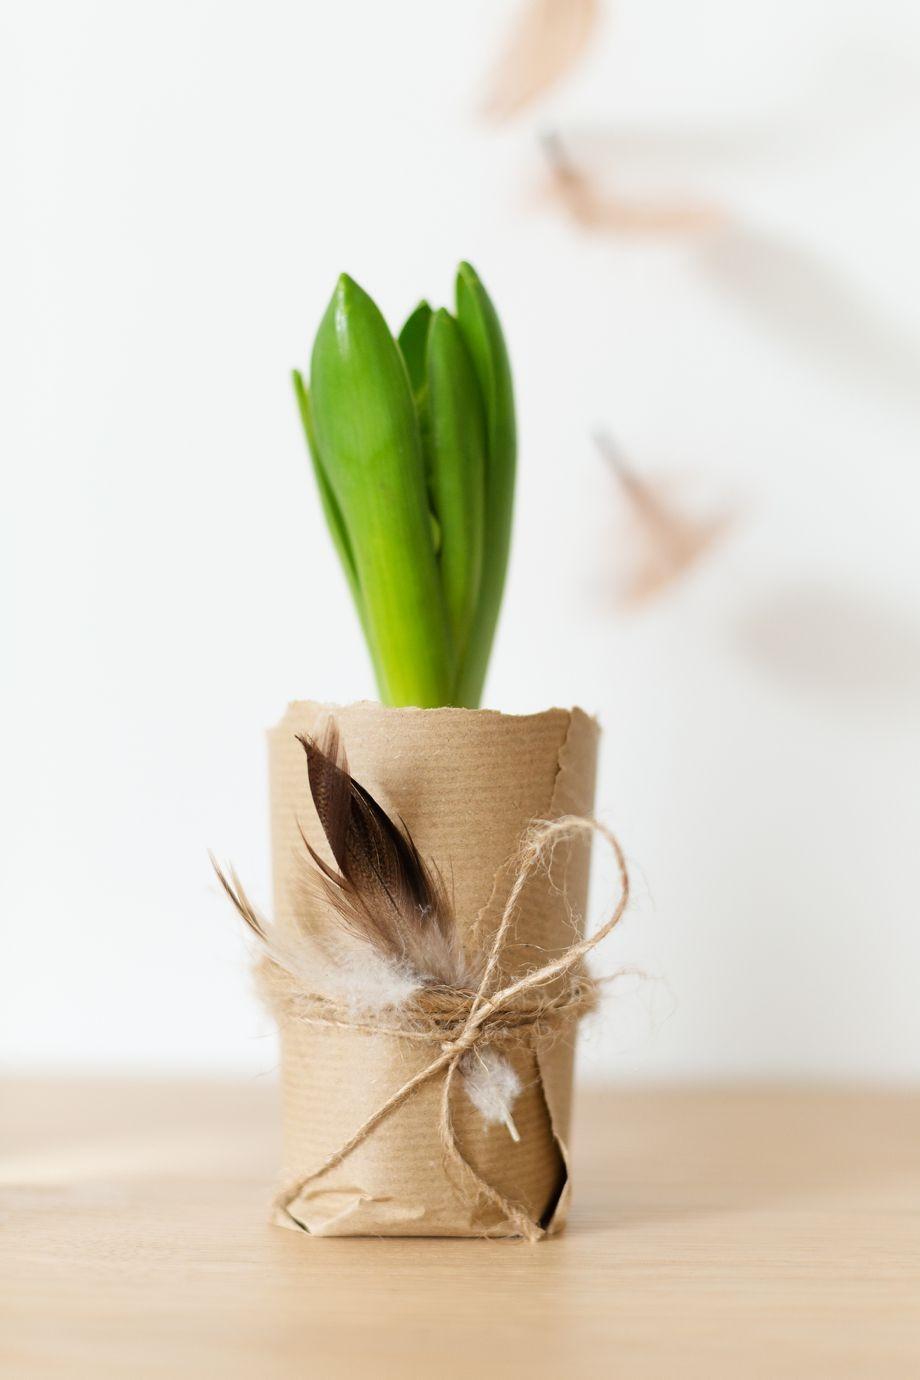 dekoidee mit blumenzwiebeln floristik pinterest blumenzwiebeln ostern und fr hling. Black Bedroom Furniture Sets. Home Design Ideas